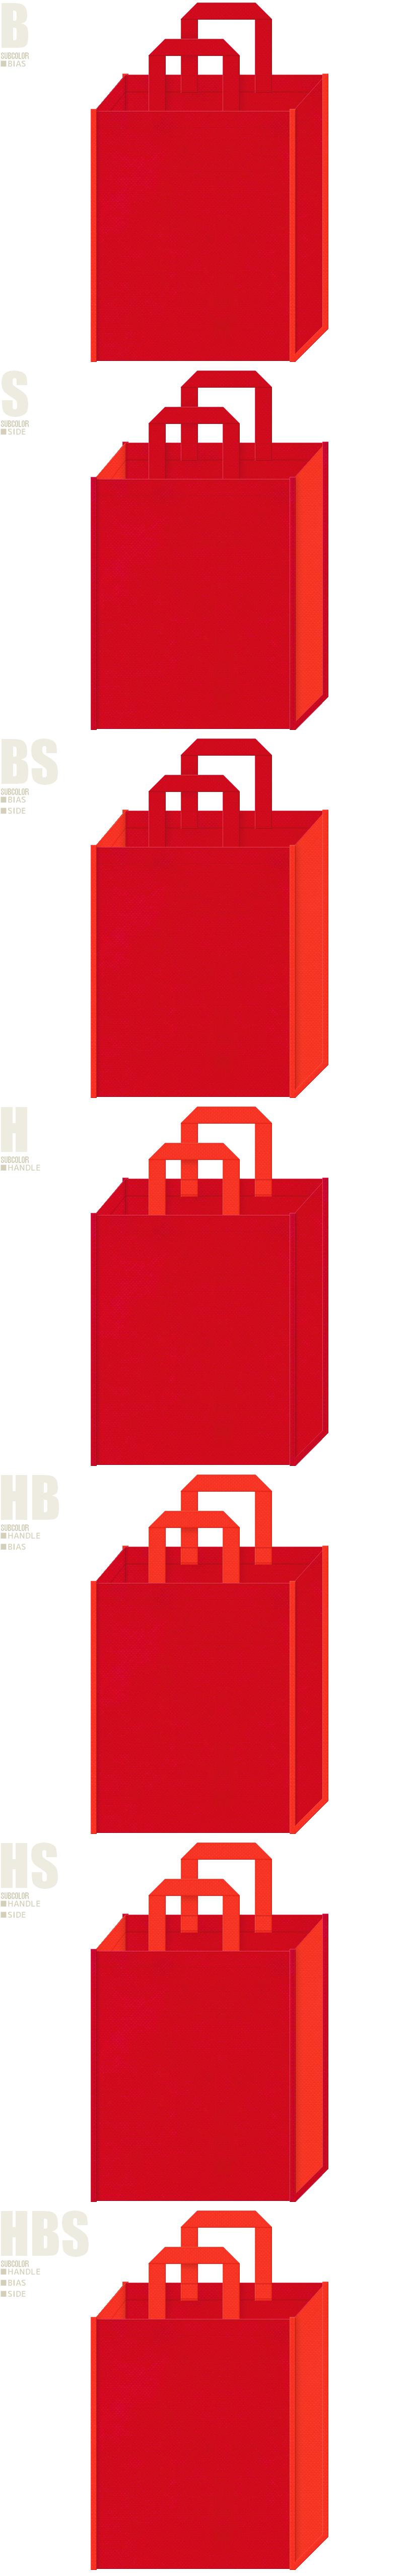 タバスコ・ラー油・激辛・サプリメント・太陽・エネルギー・暖房器具・スポーツ・キャンプ・バーベキュー・アウトドア・紅葉・秋のイベント・観光土産にお奨めの不織布バッグデザイン:紅色とオレンジ色の配色7パターン